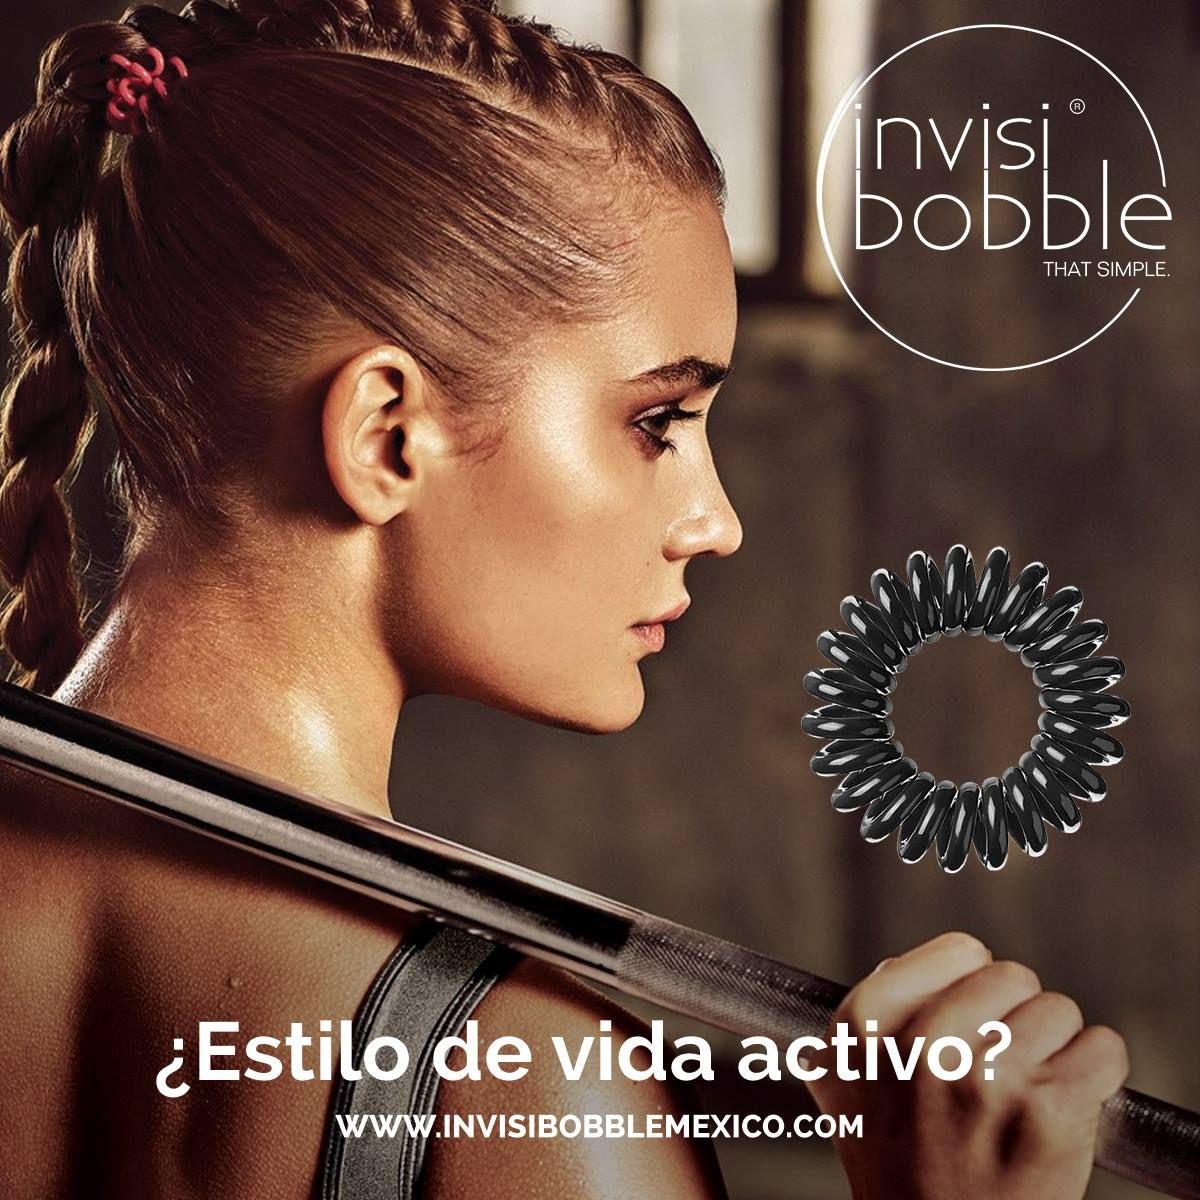 ¿Buscas fijación extra fuerte? Invisibobble es la respuesta #deporte #ejercicio #fuerza